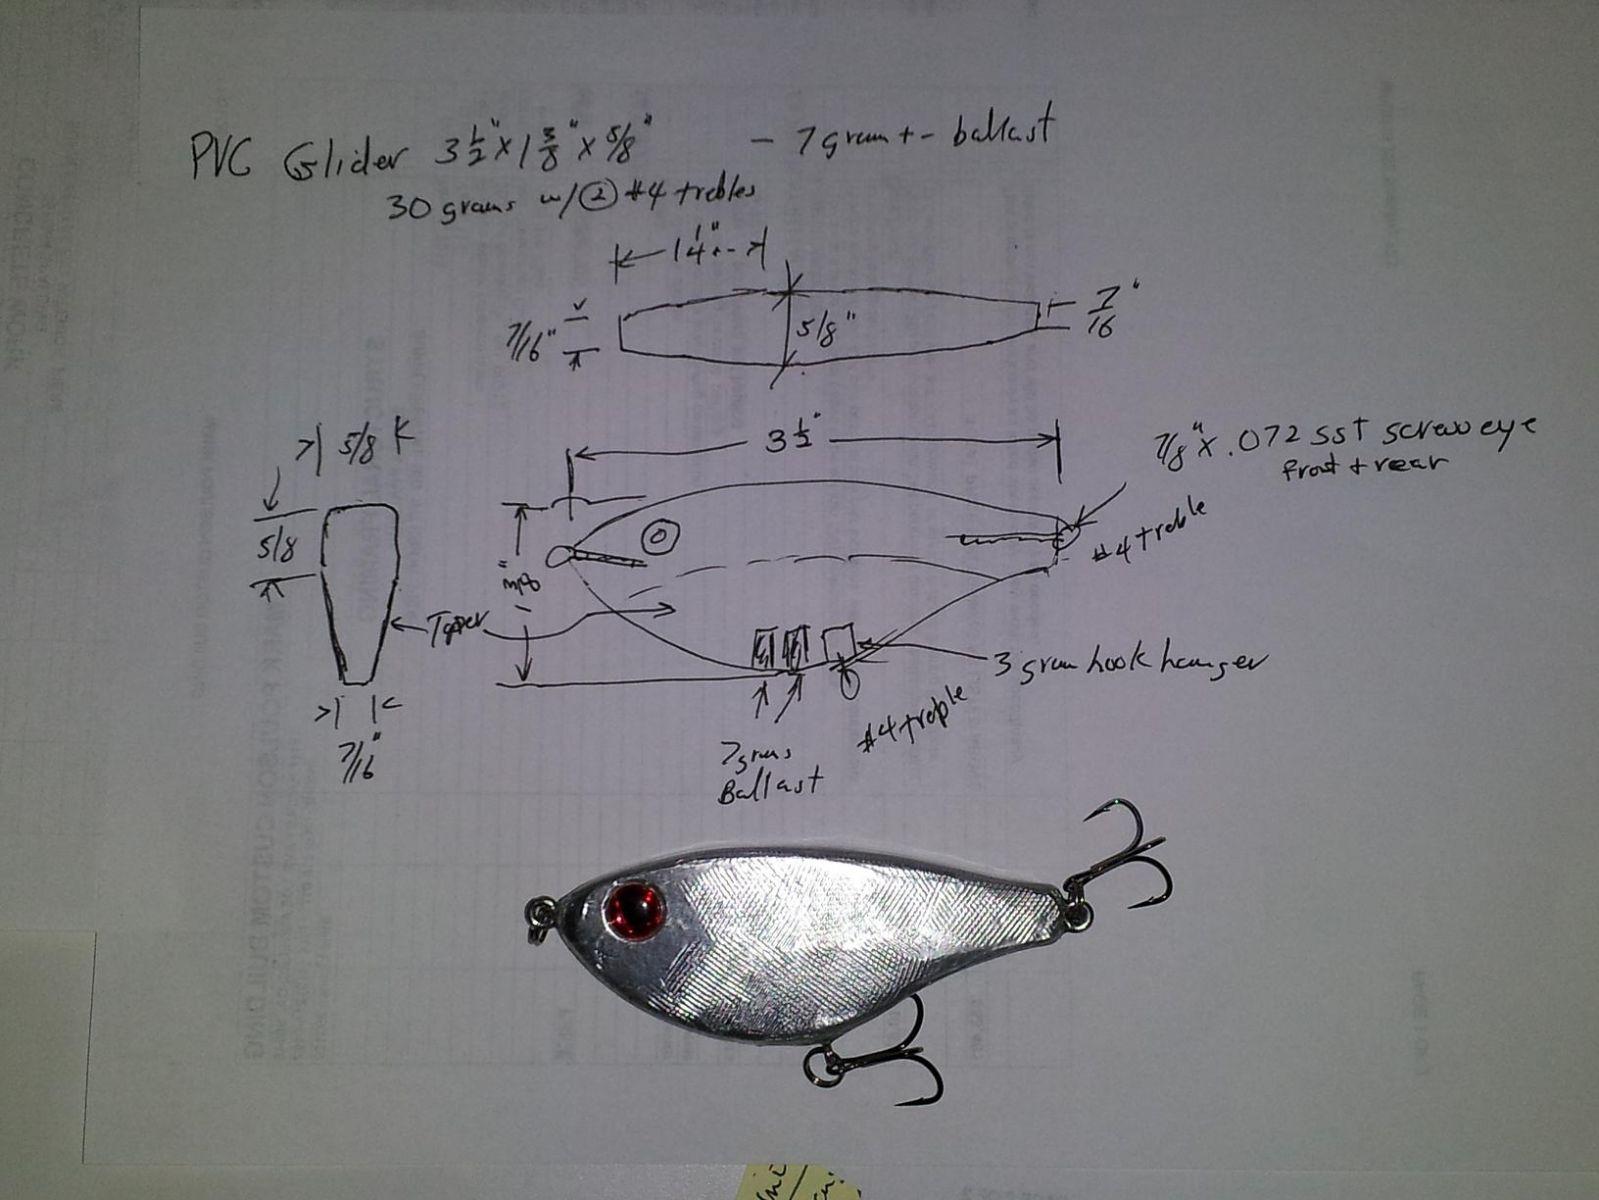 roach glider 3